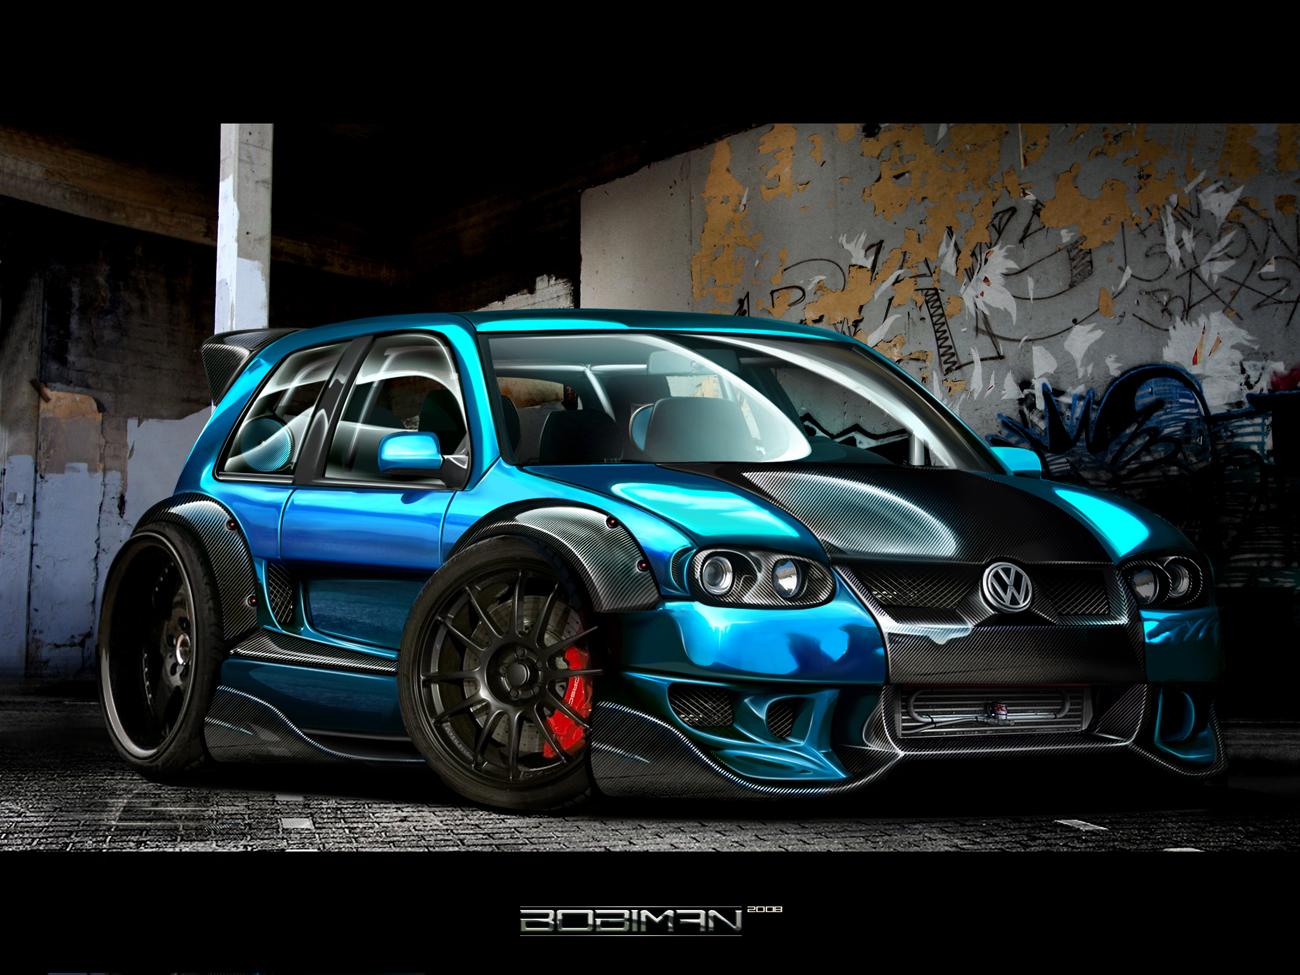 Cool Car Images Wallpaper  WallpaperSafari